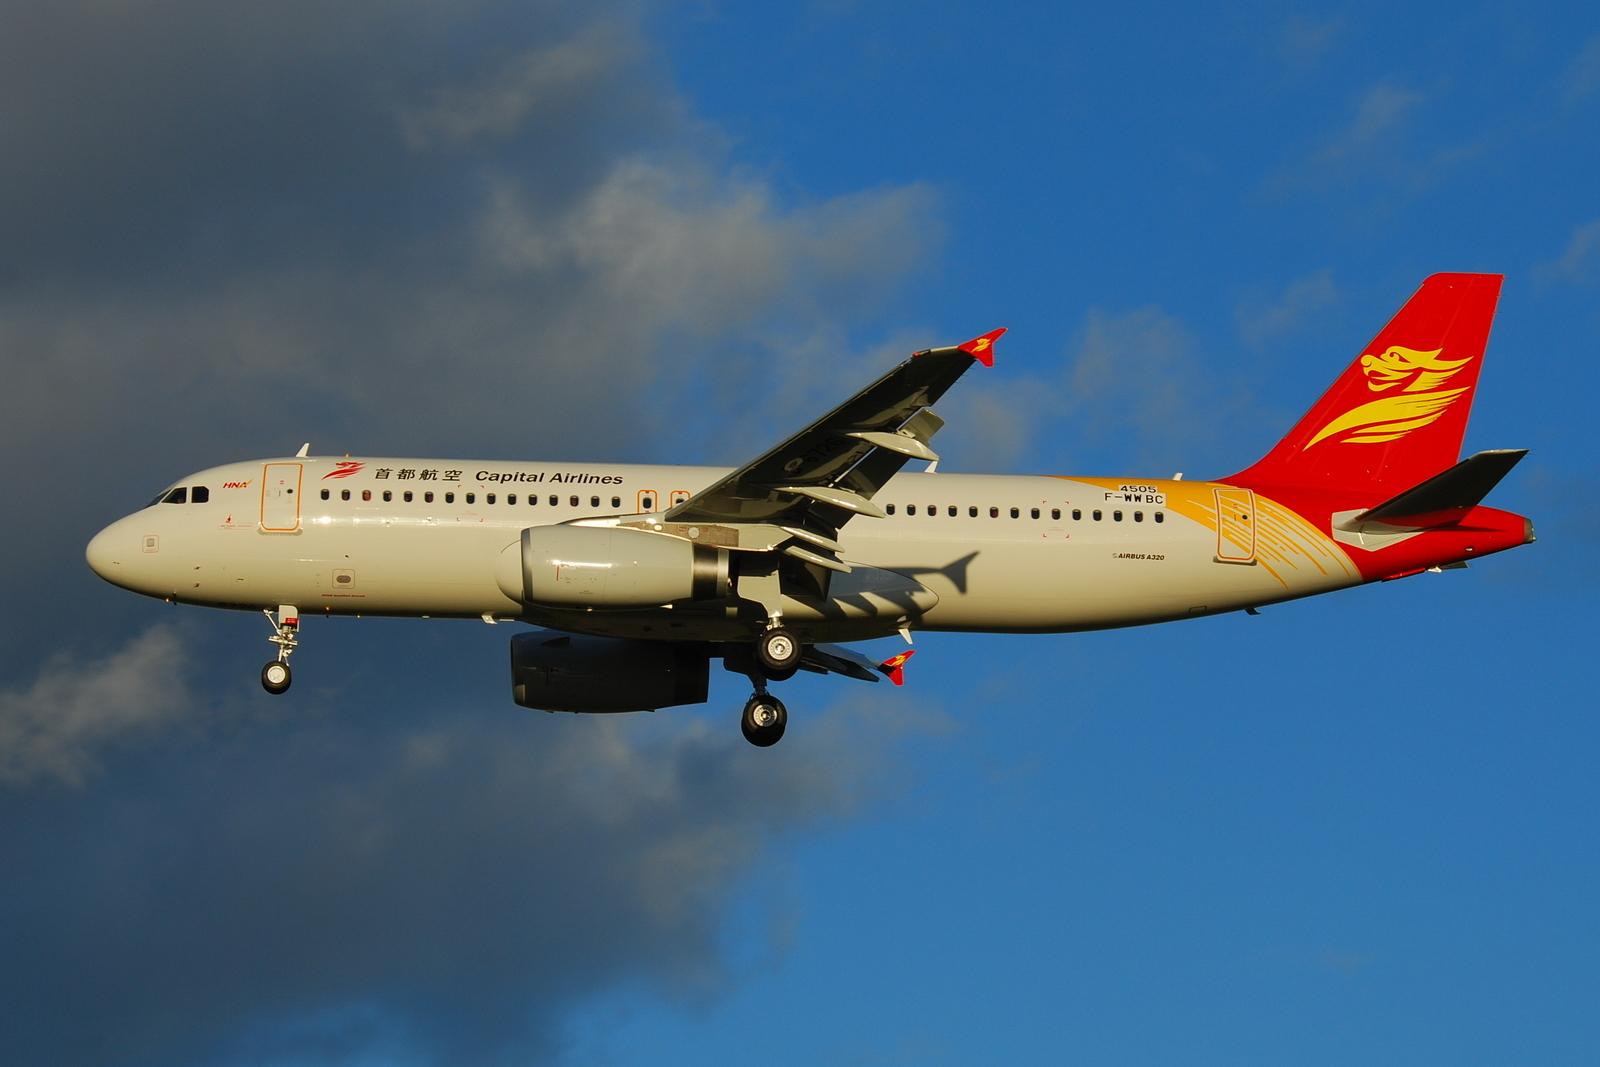 Et Airbus A320-fly fra Beijing Capital Airlines. Selskabet anvender større Airbus A330-fly på ruterne til København.